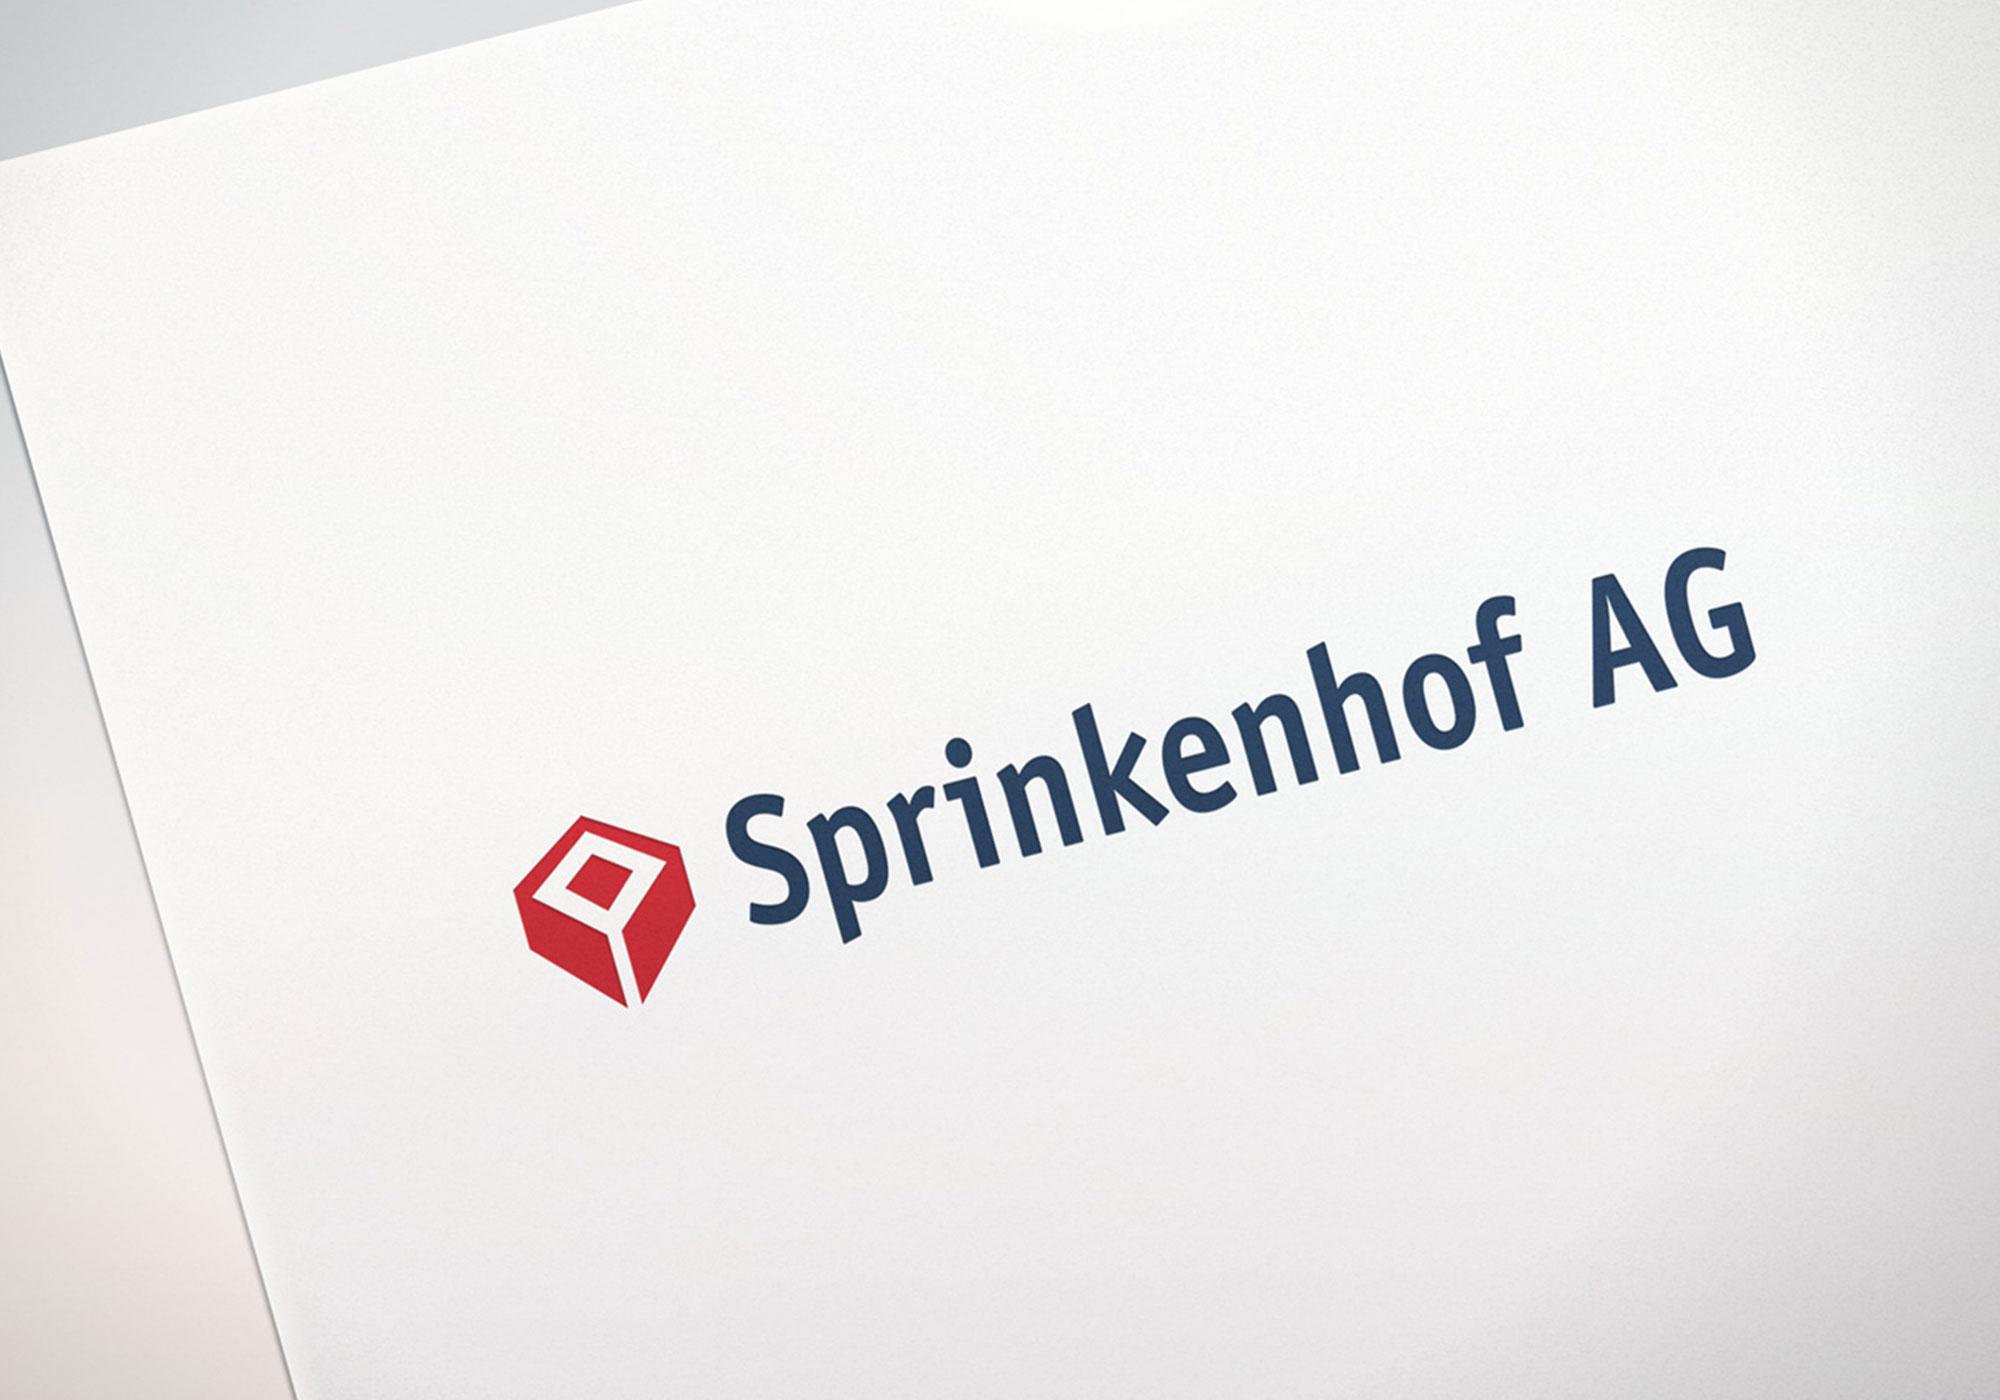 001_Sprinkenhof_Logo